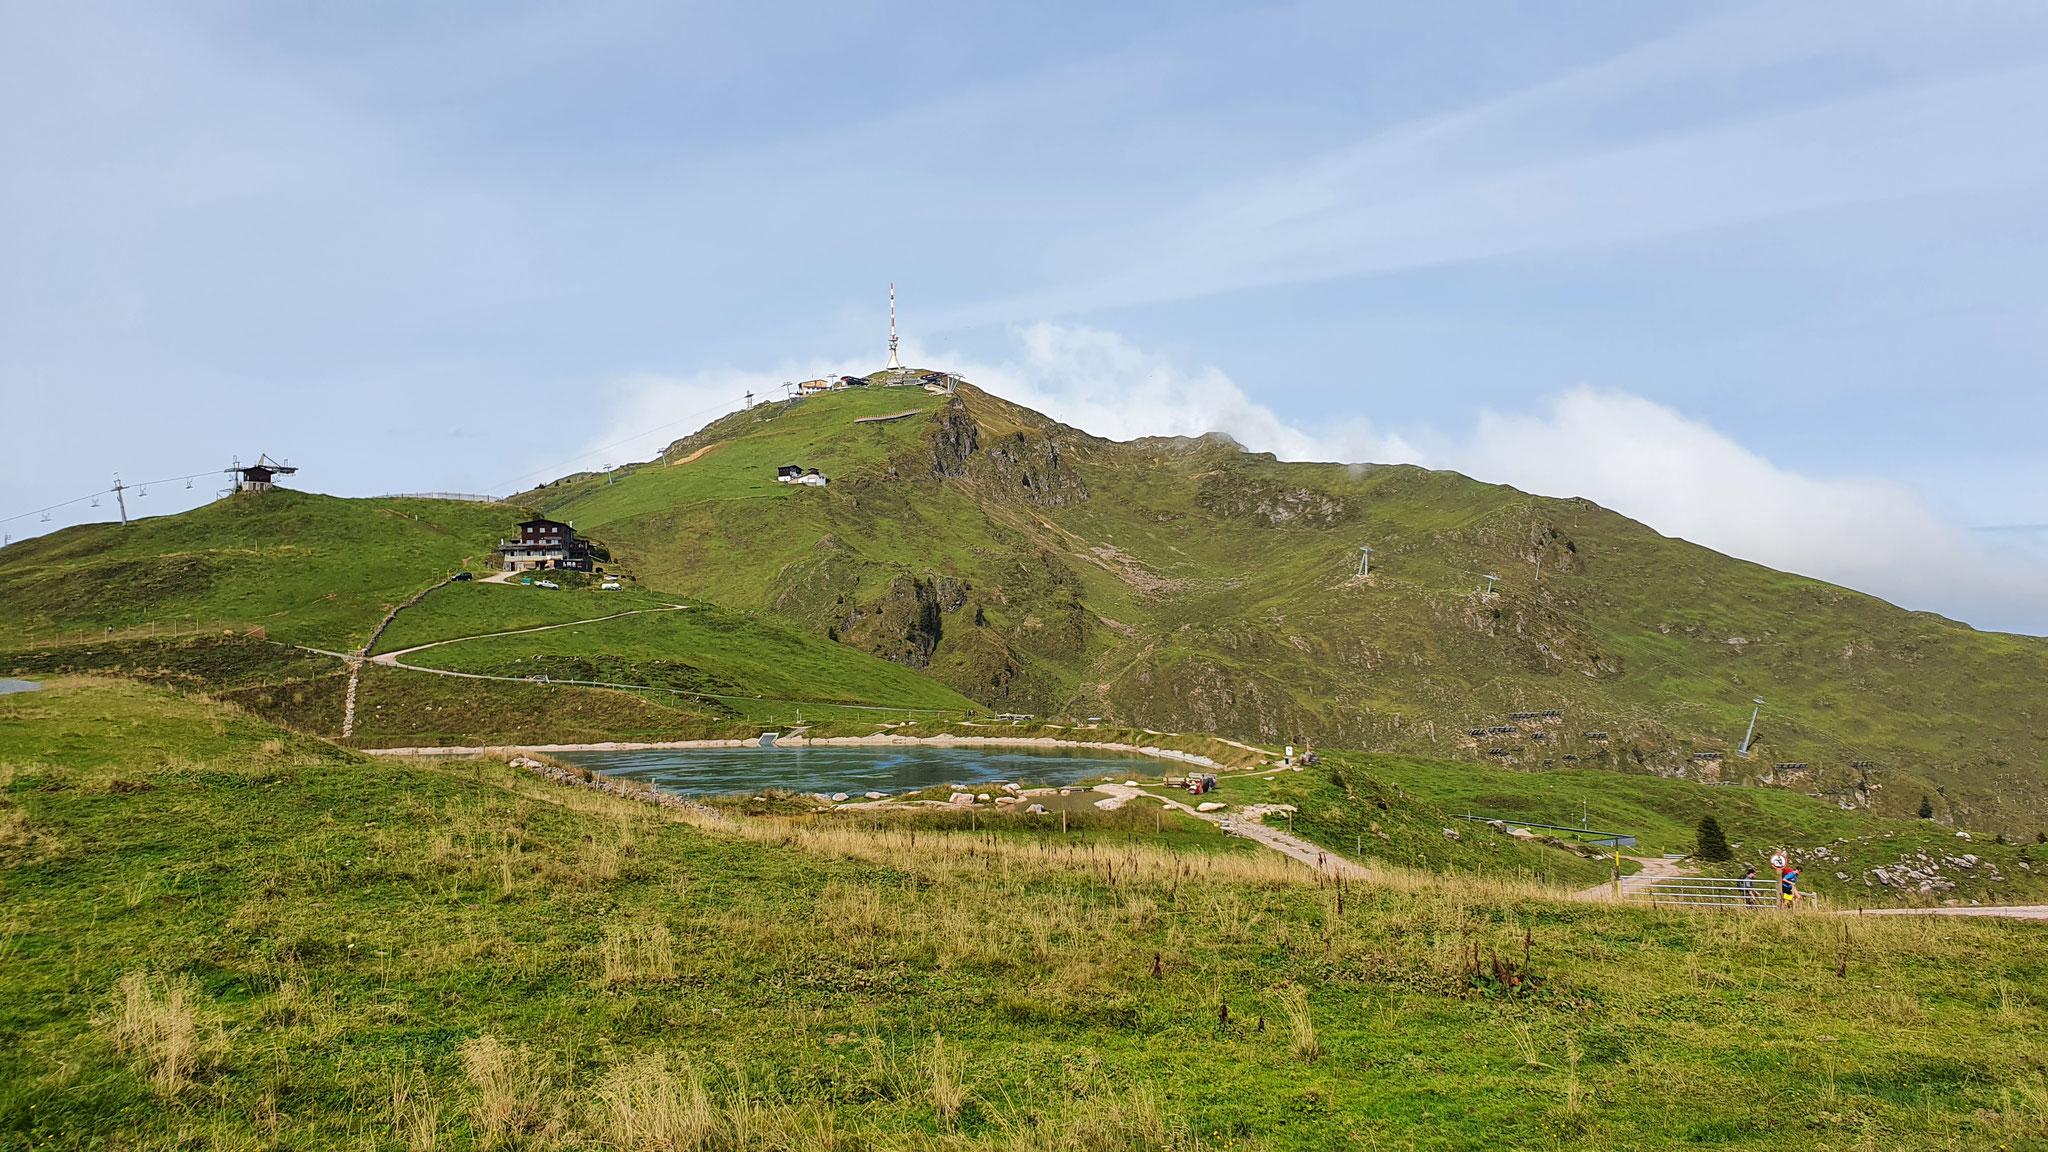 Gebirgssee auf 1.900 Meter